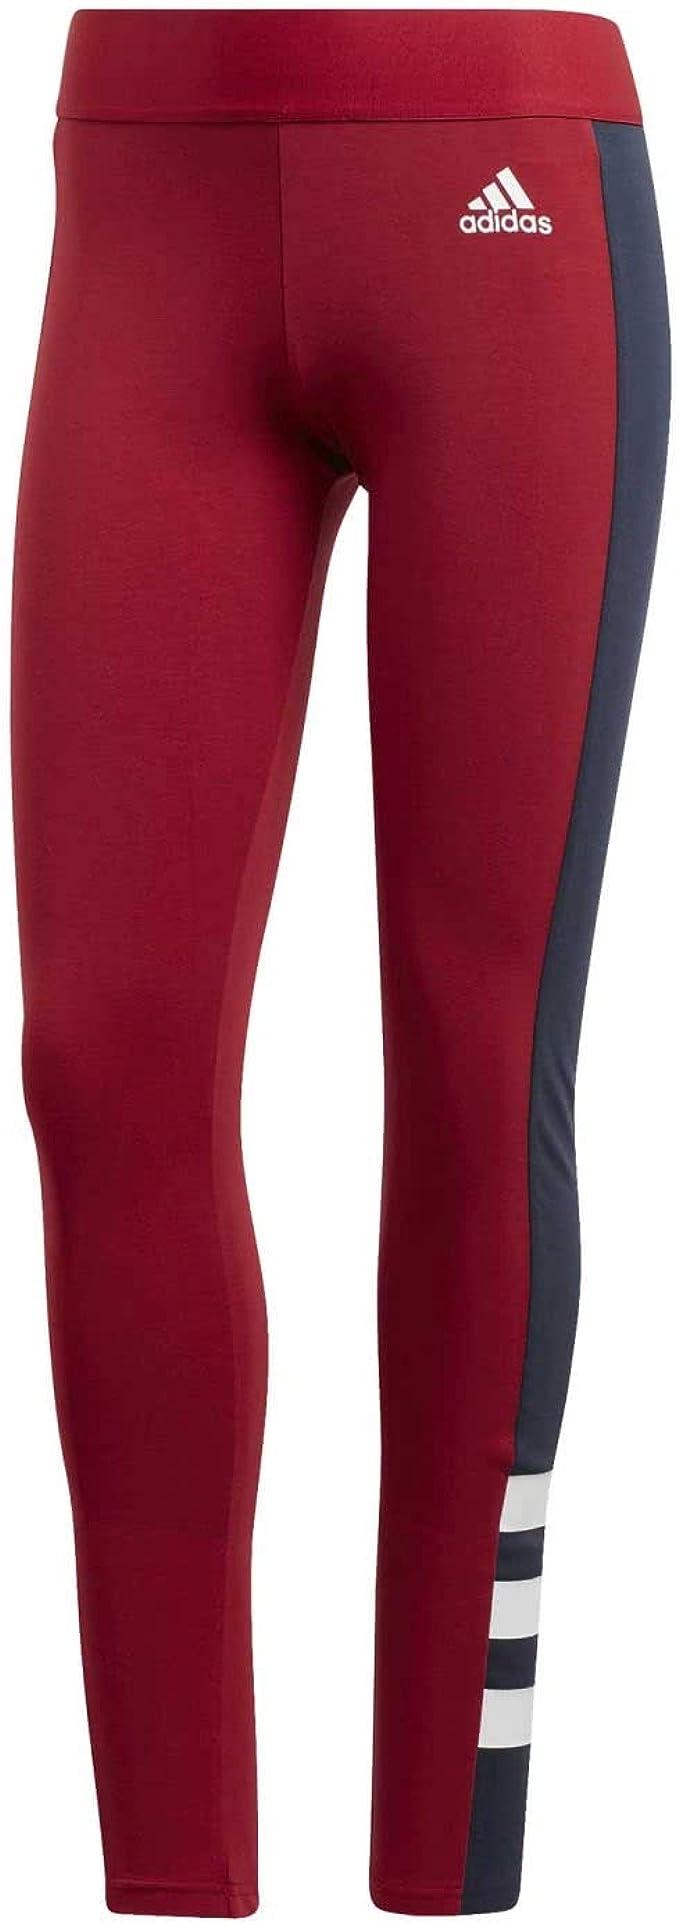 Oppressore casa Ballerino  adidas W SID J Tight Leggings pour Femme Bordeaux EB3770: Amazon.fr:  Vêtements et accessoires